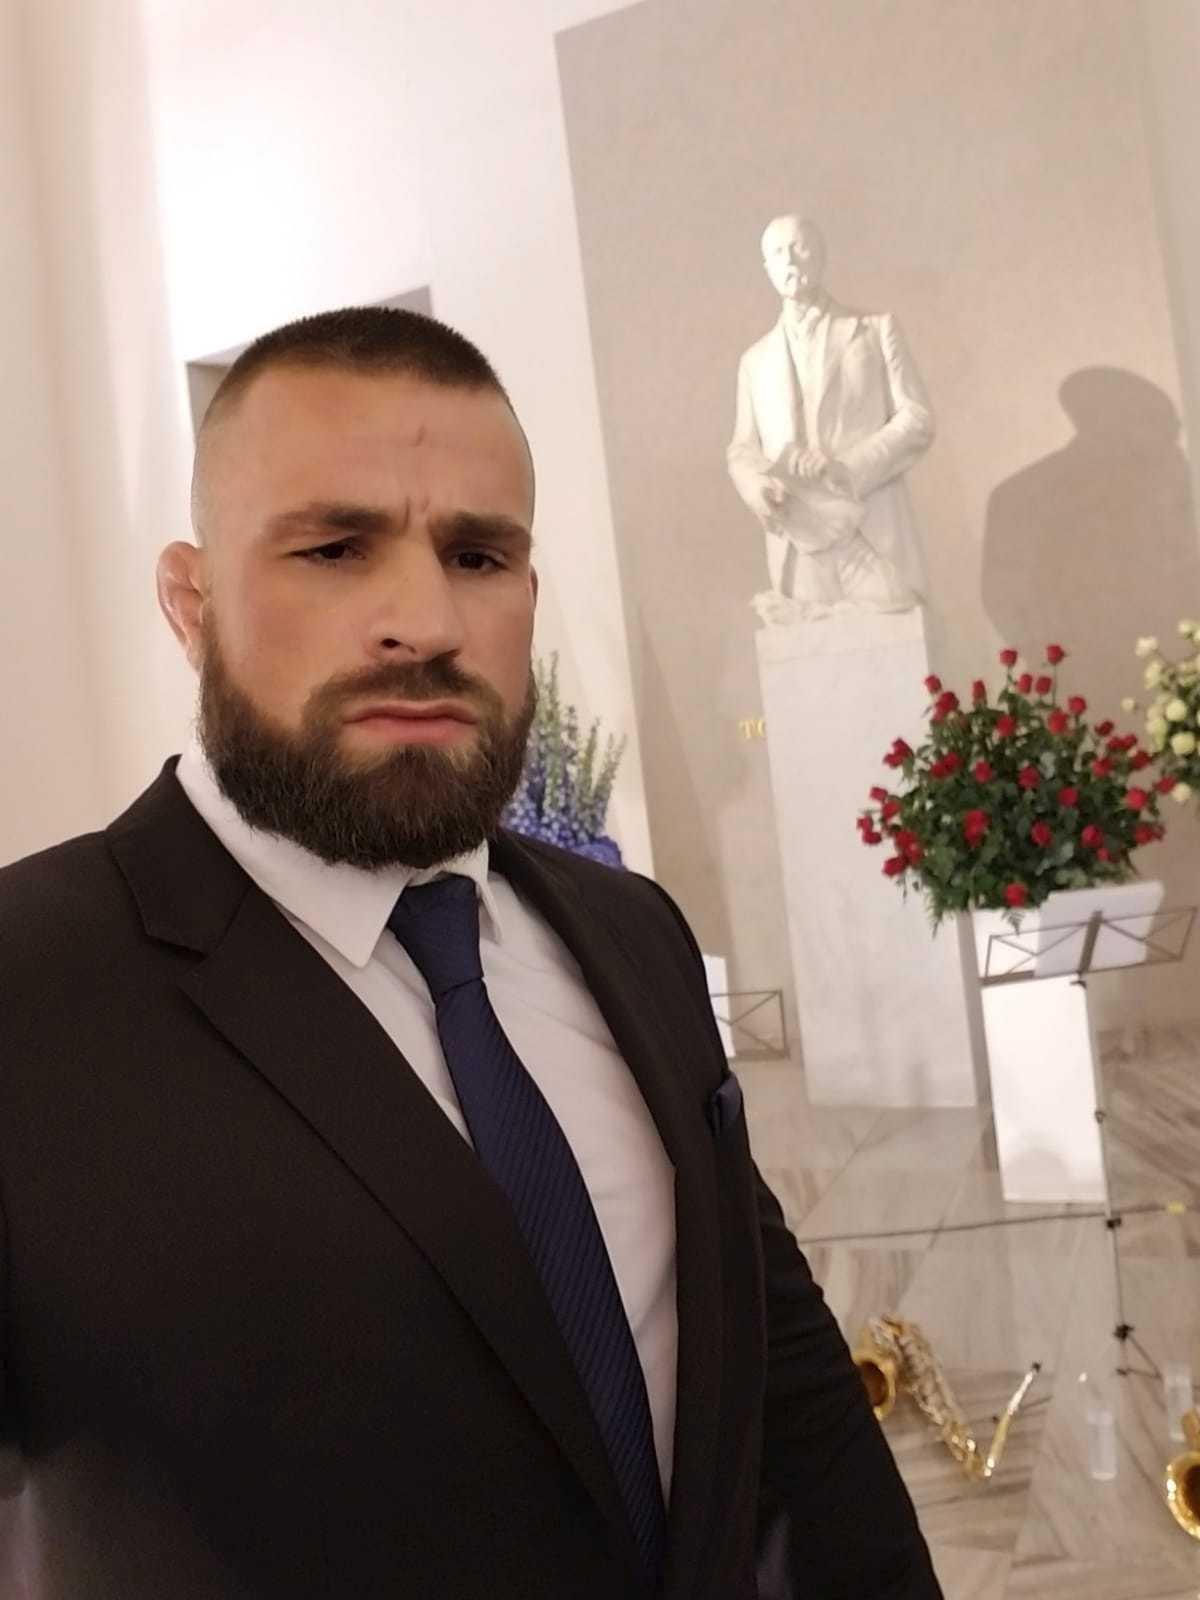 Karlos Vémola